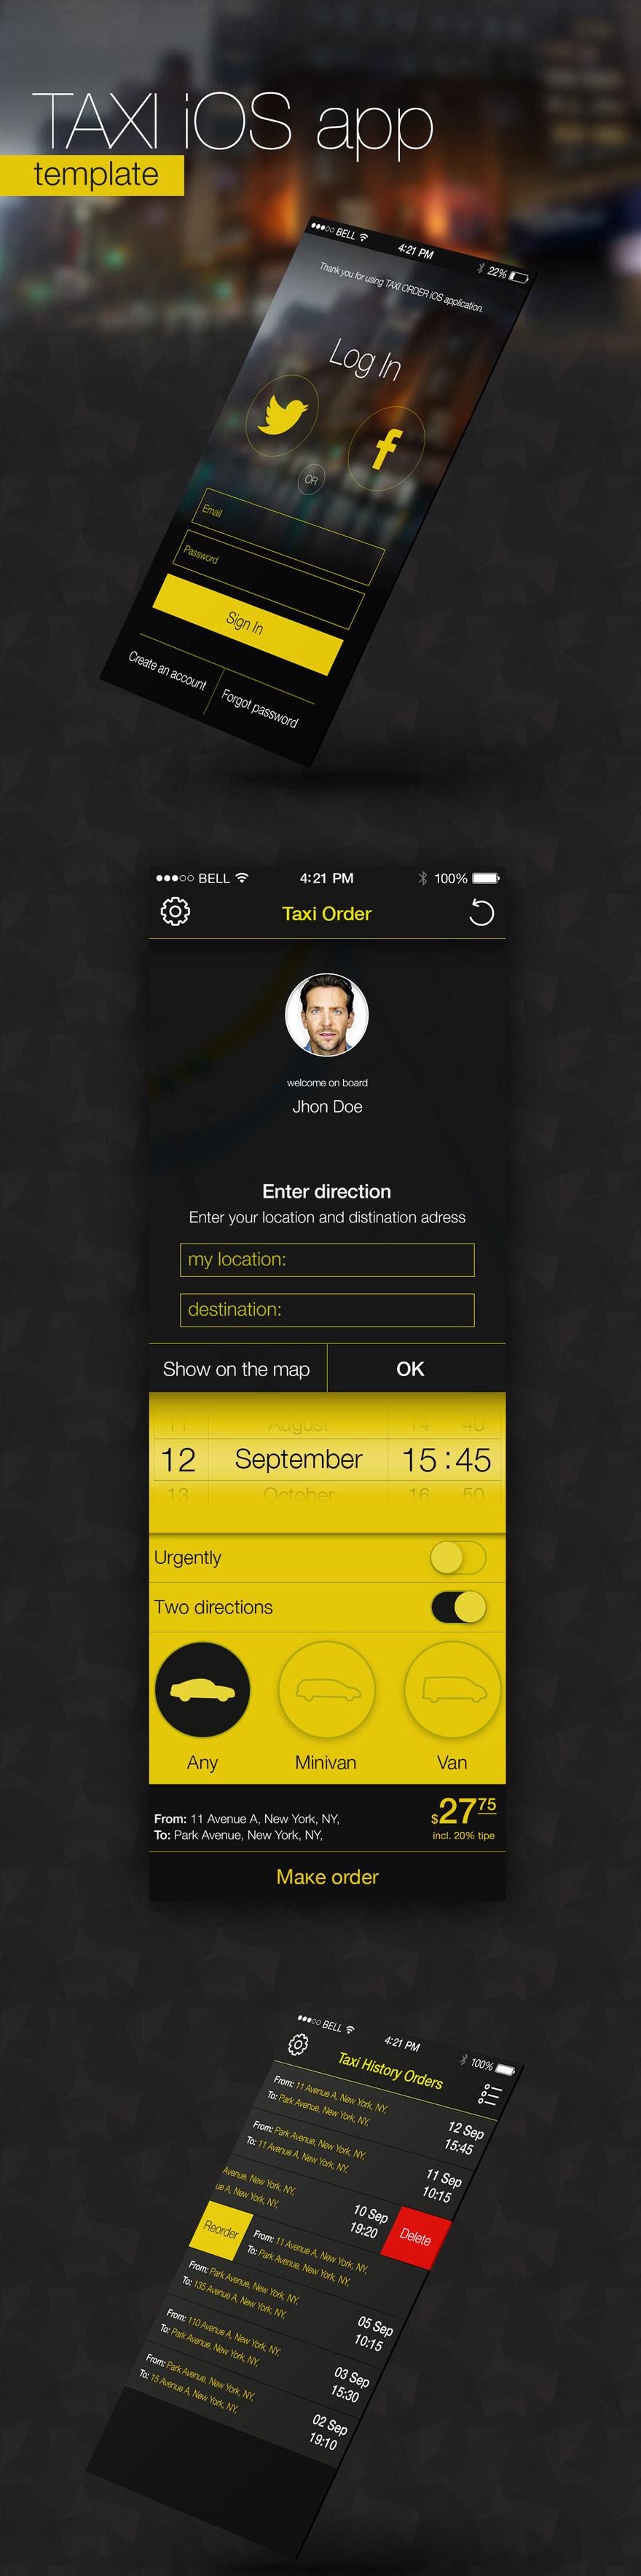 Taxi-IOS-App-Template